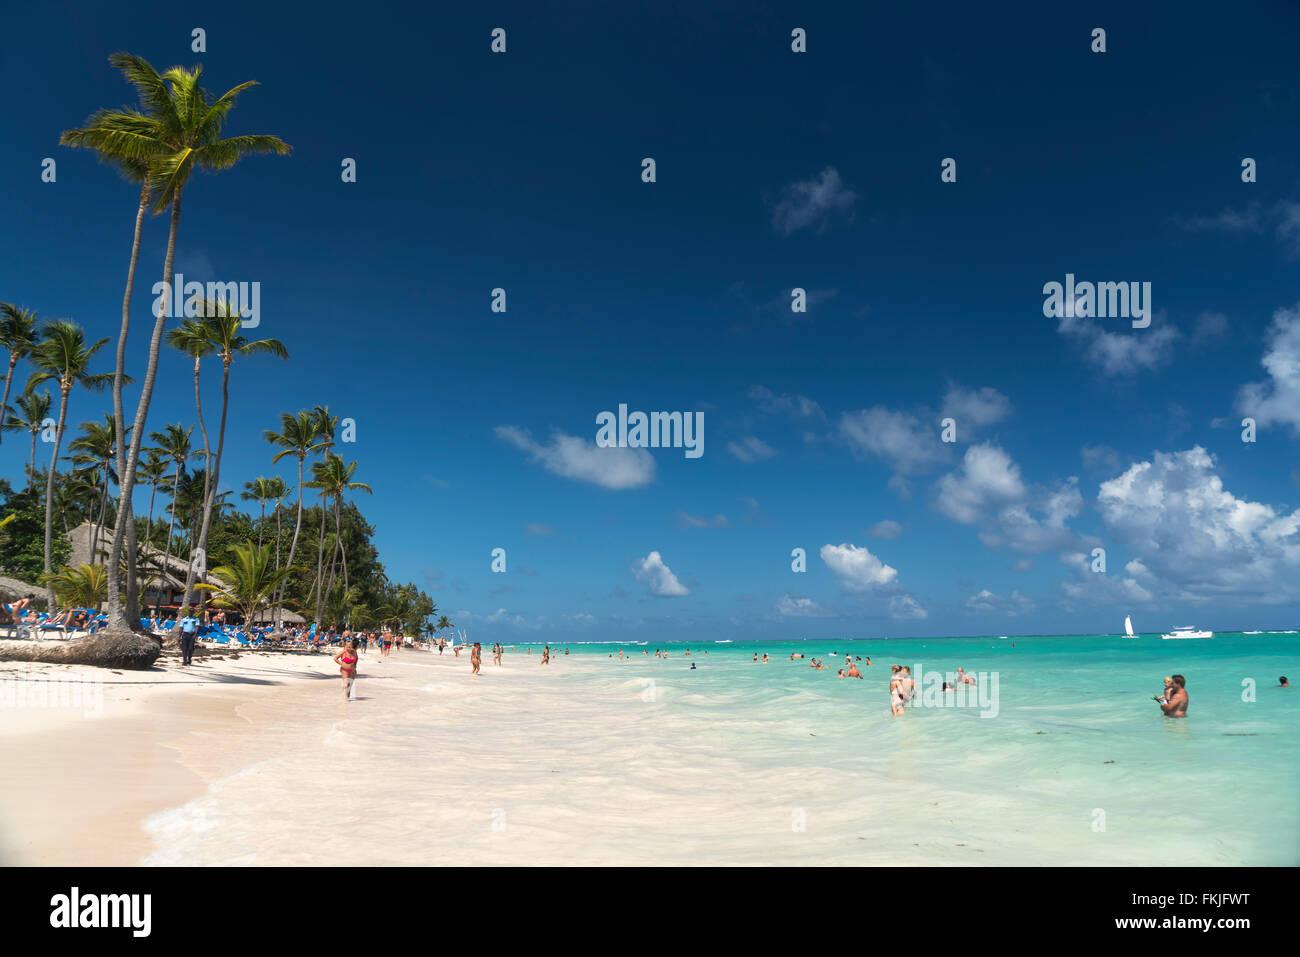 Plage de sable fin bordée de palmiers de Playa Bavaro, Punta Cana, République dominicaine, Caraïbes, Photo Stock